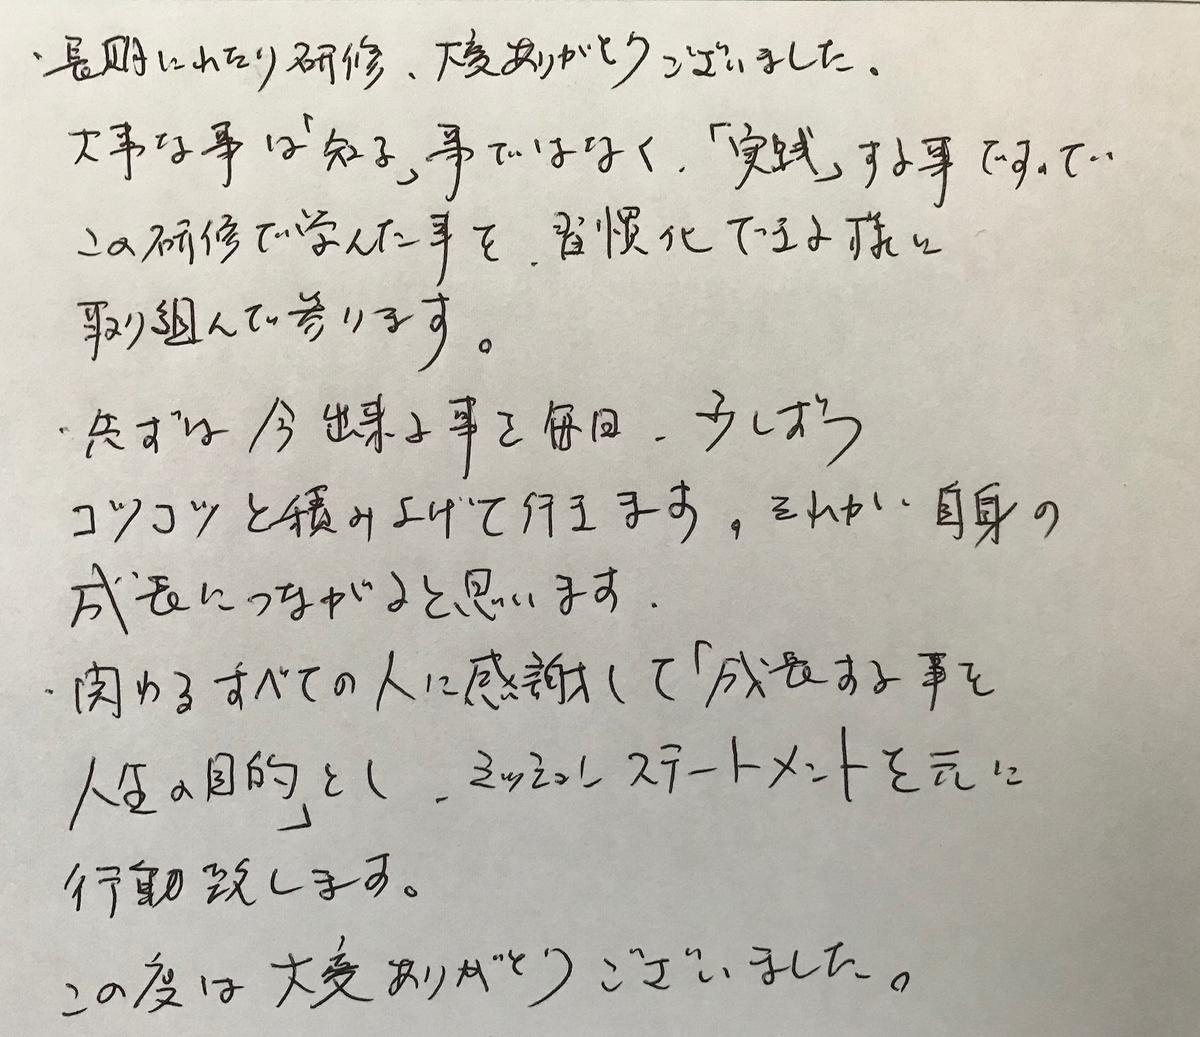 f:id:tanaka-shinichi:20200815175814j:plain